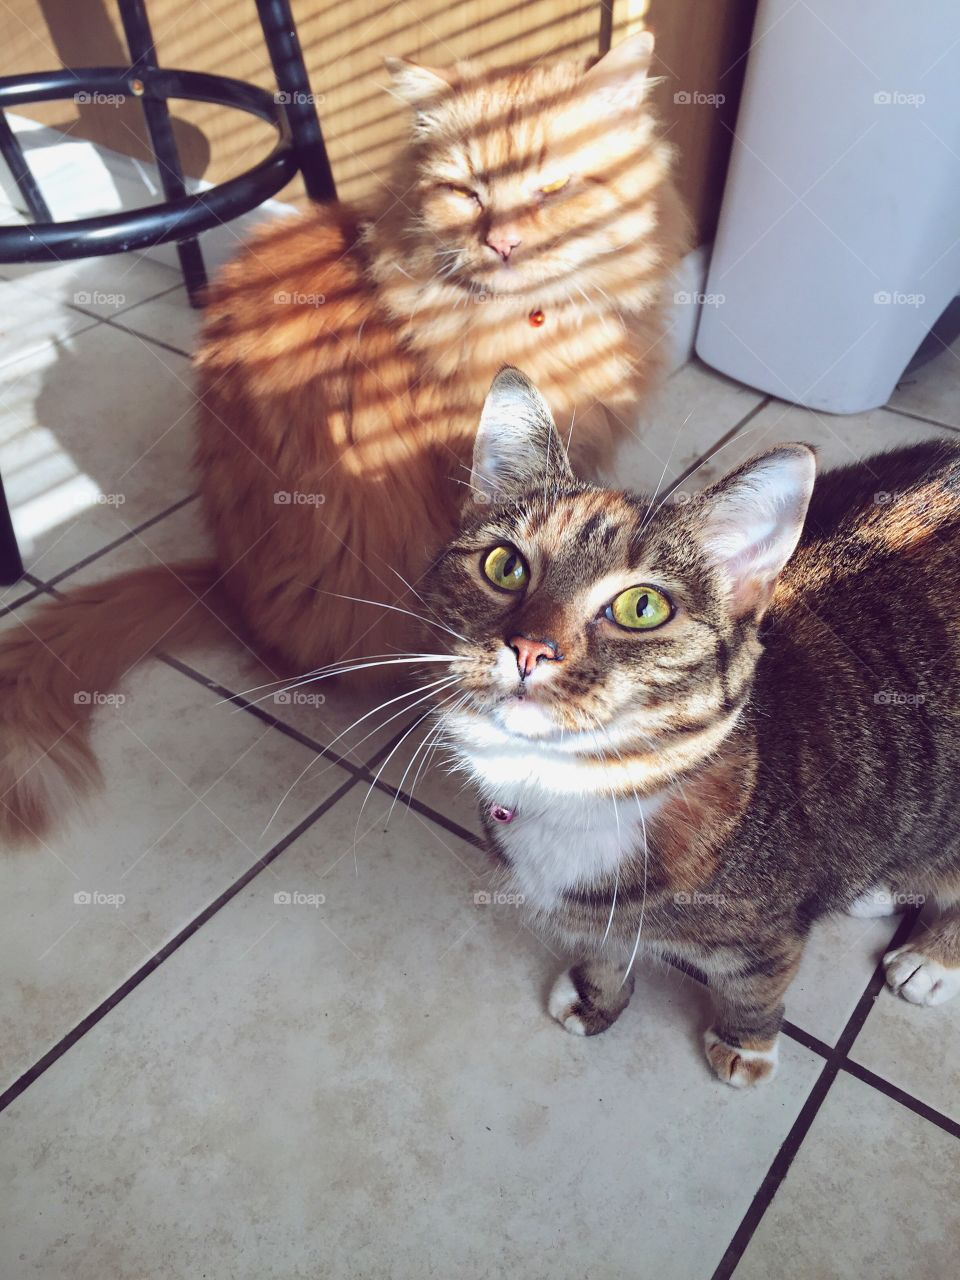 Cat, Domestic, Pet, Mammal, Cute